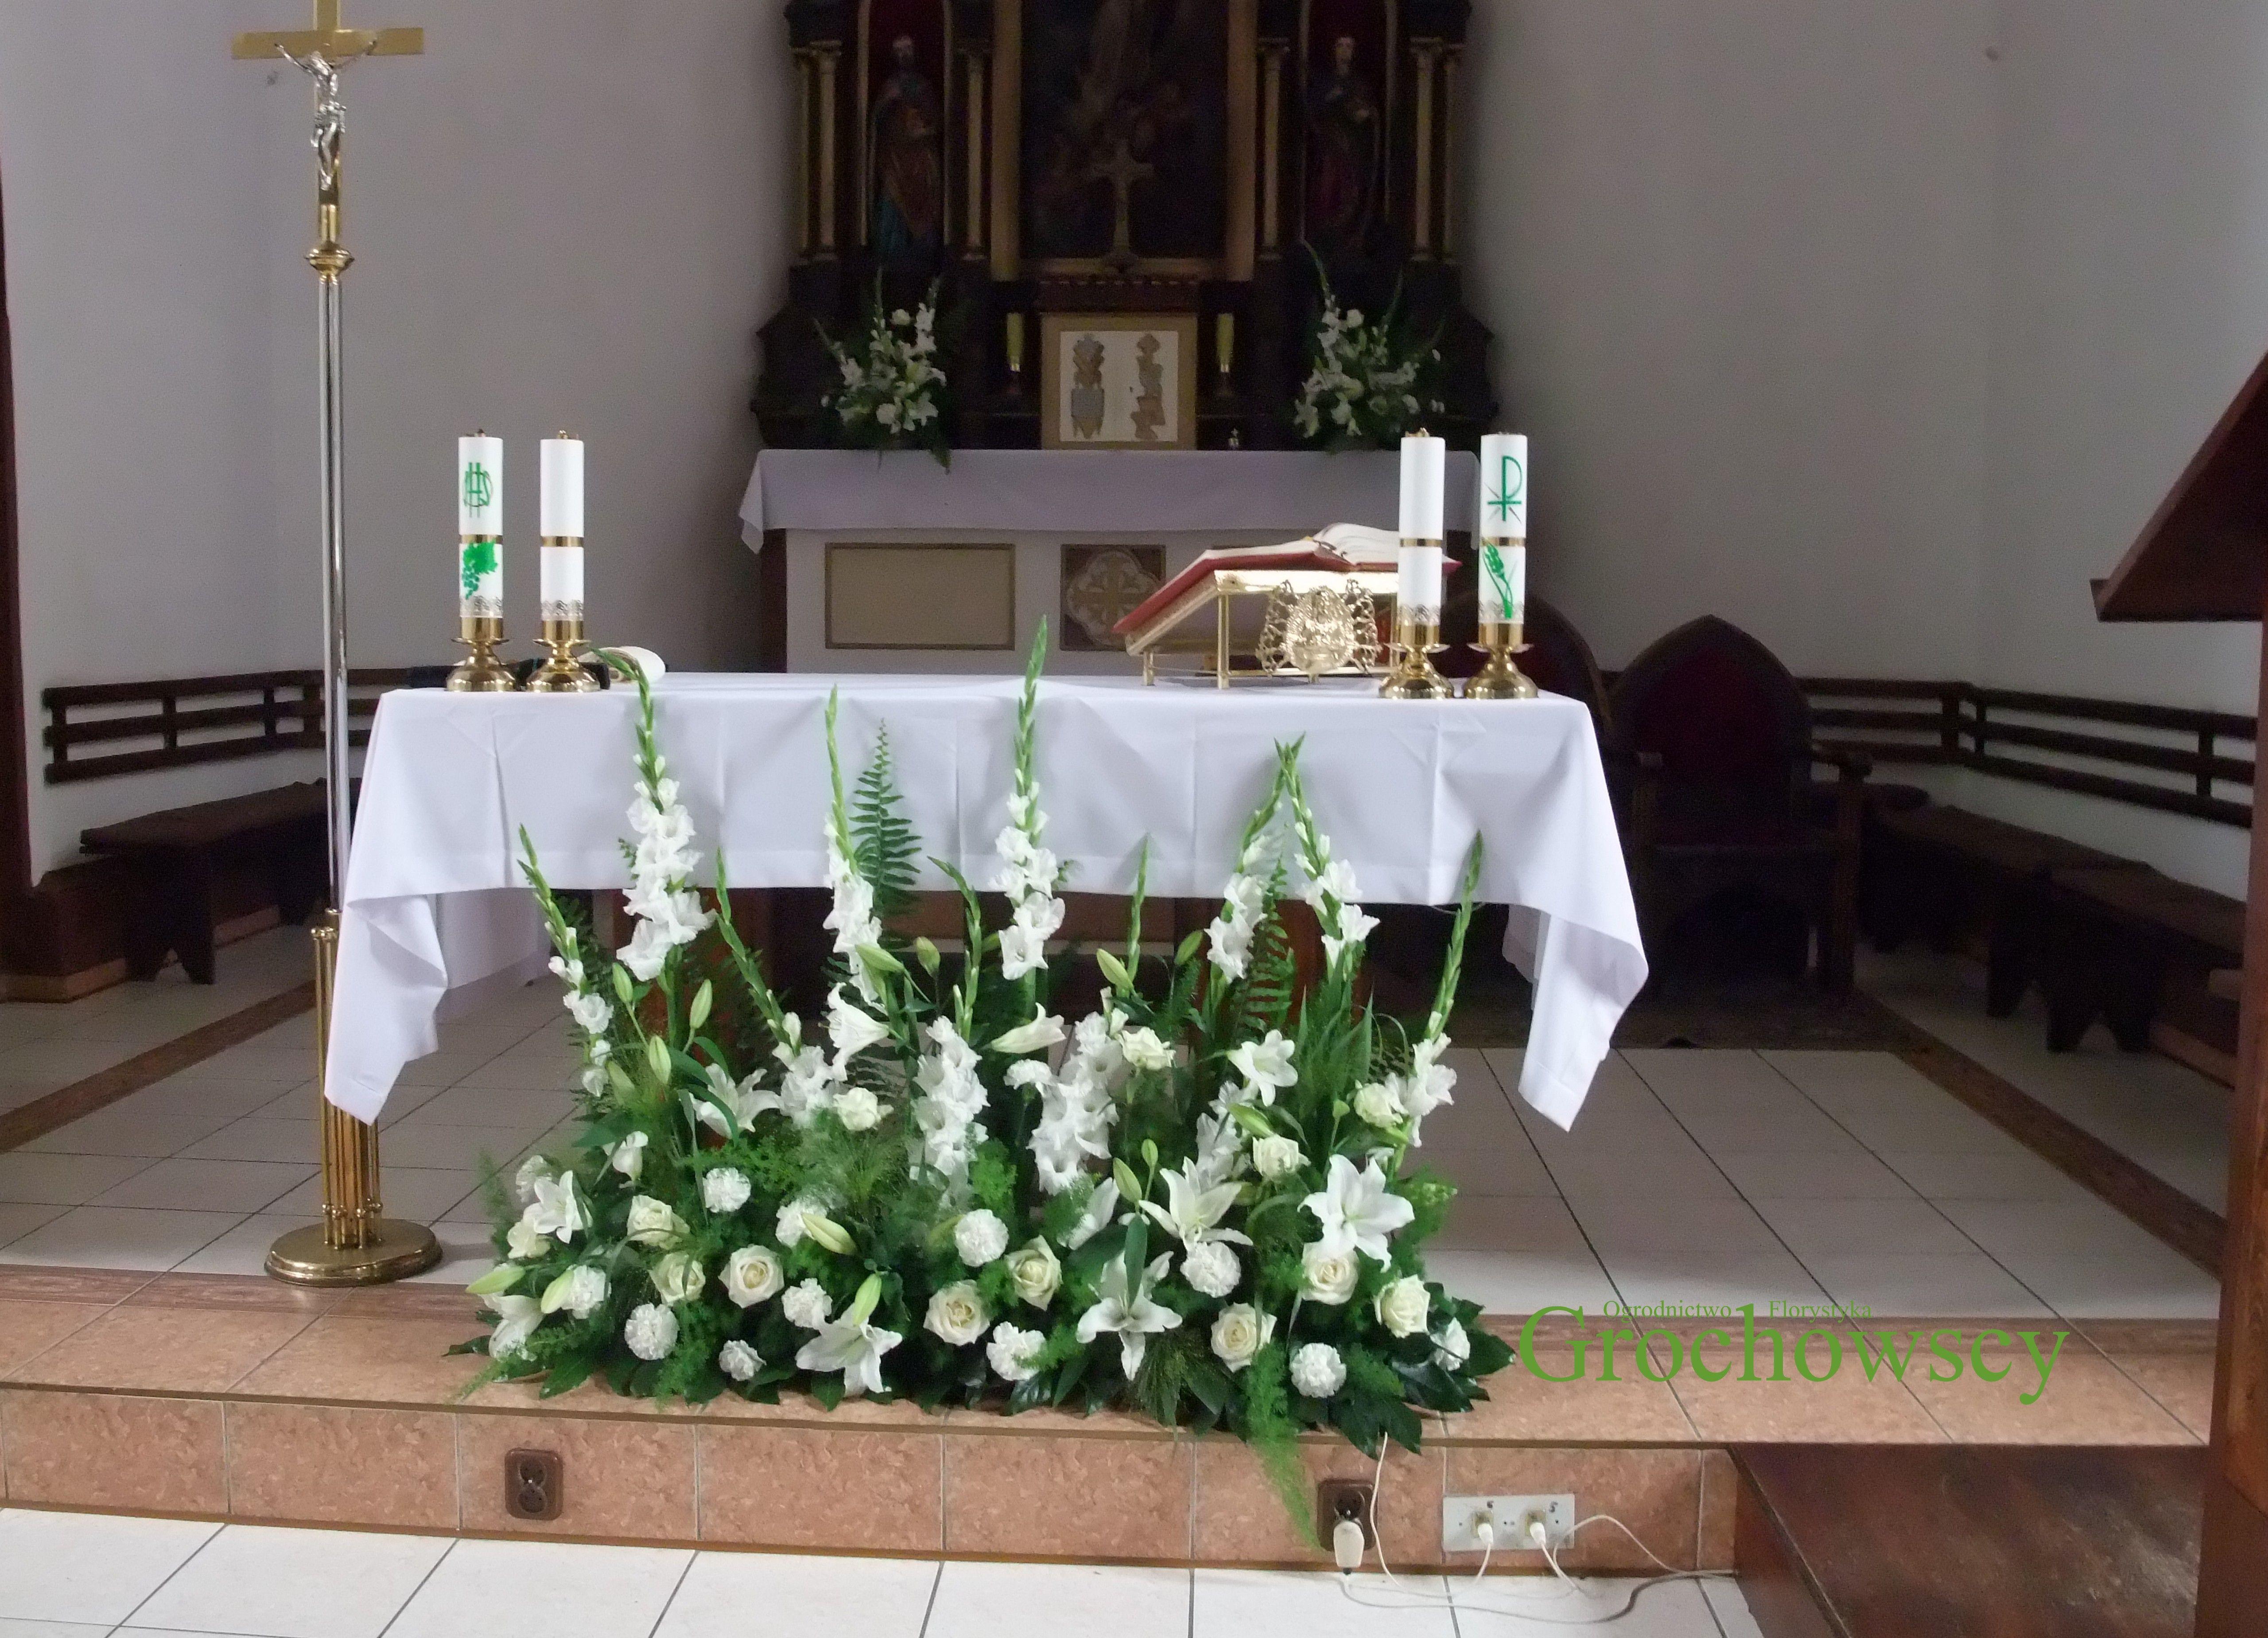 Dekoracja Kosciola Na Slub Czluchow Debrzno Dekoracja Oltarza Table Decorations Church Flowers Decor